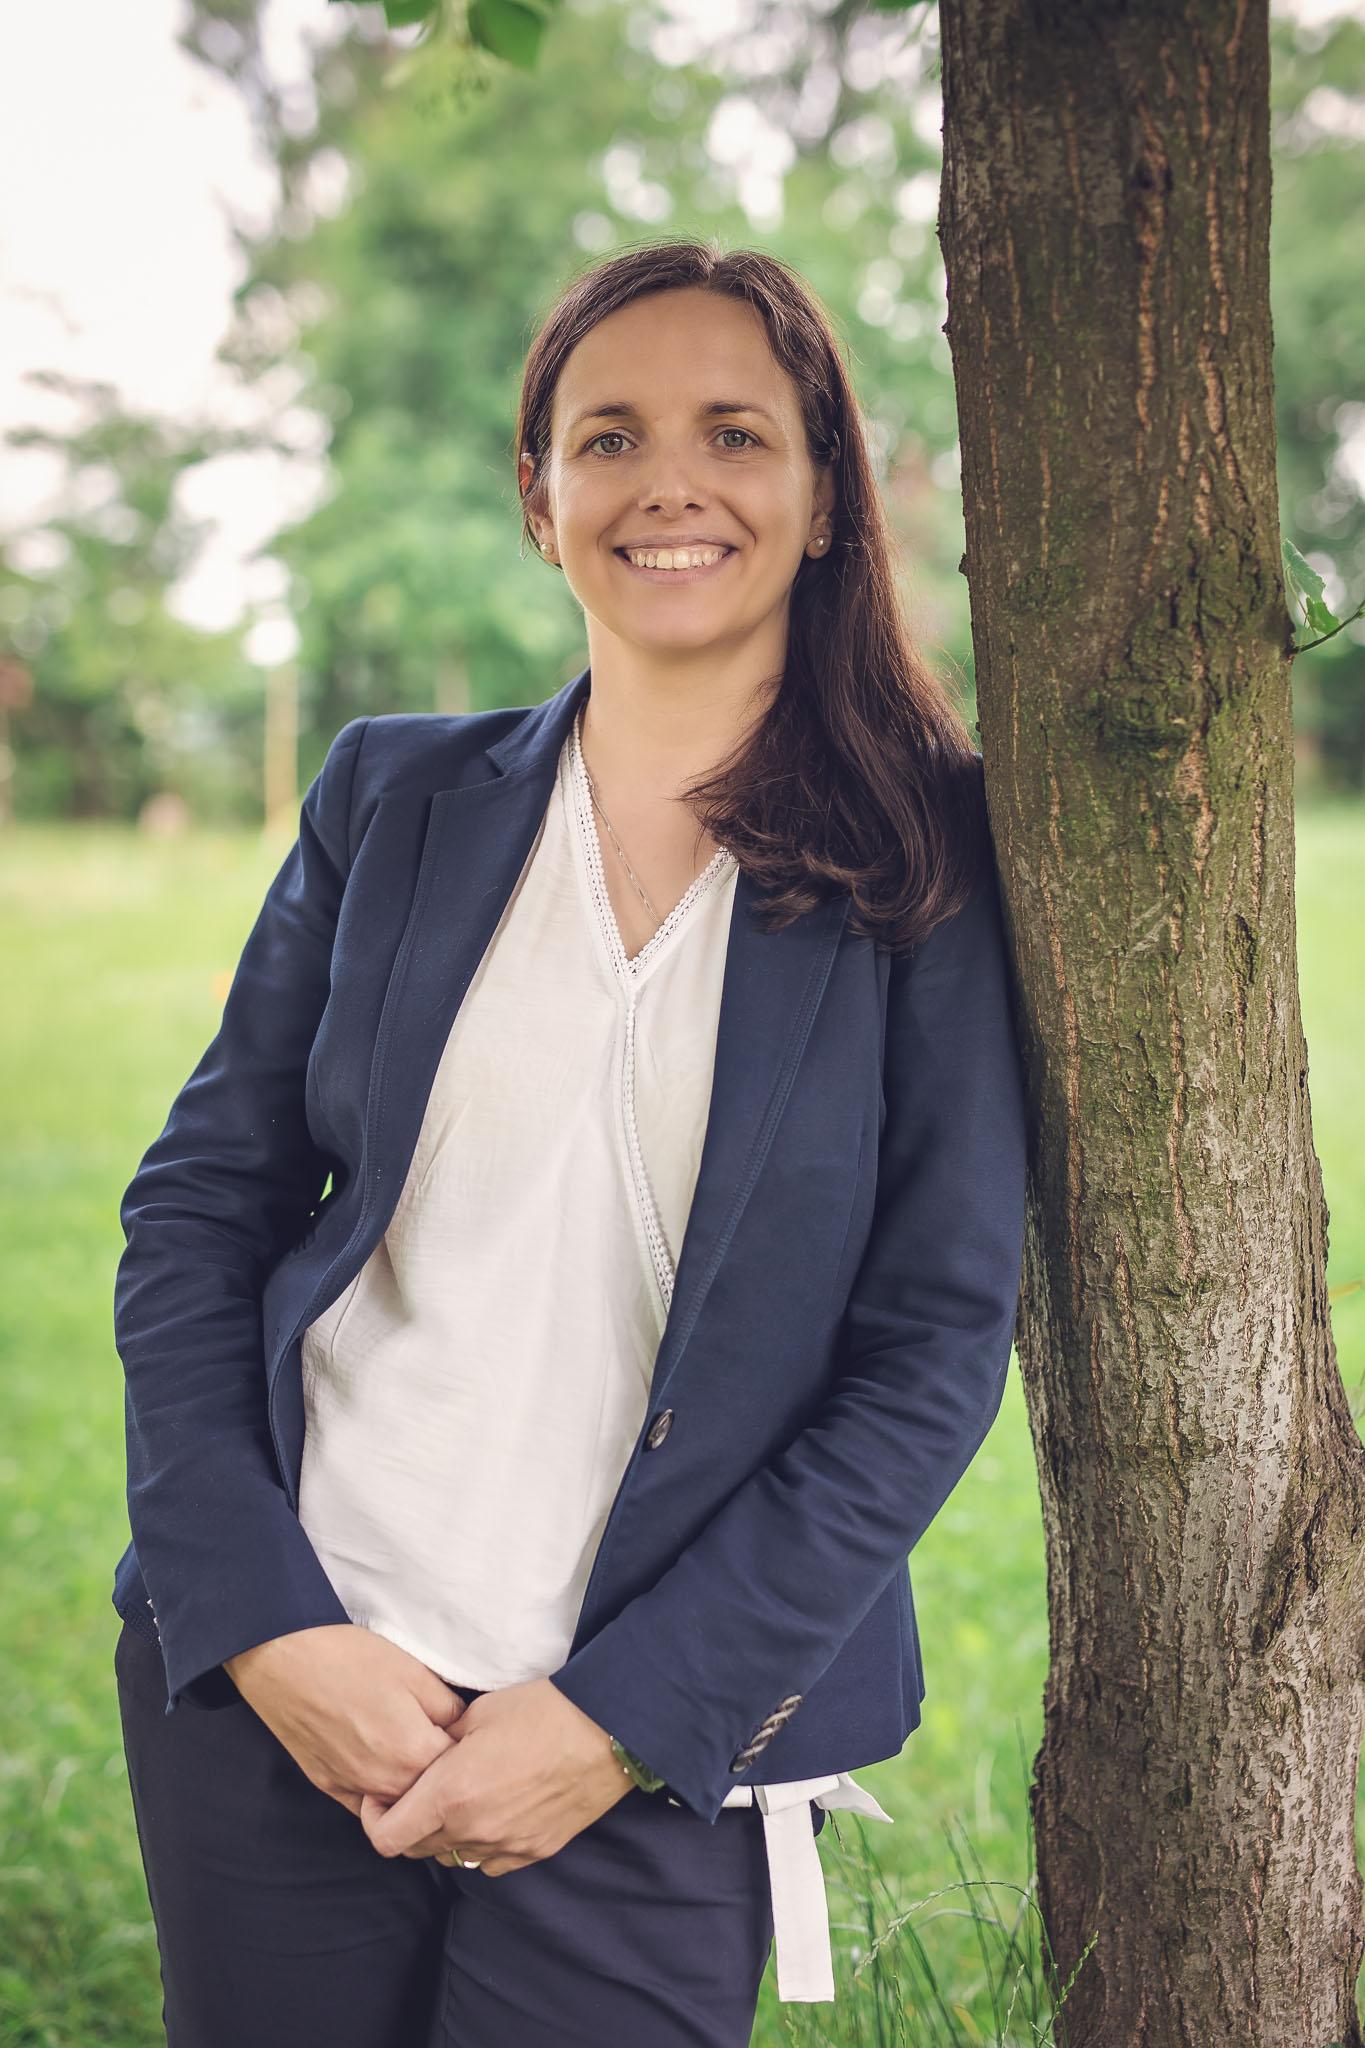 Monika Mikuła - Dyrektor, Członek Rady Zarządzającej